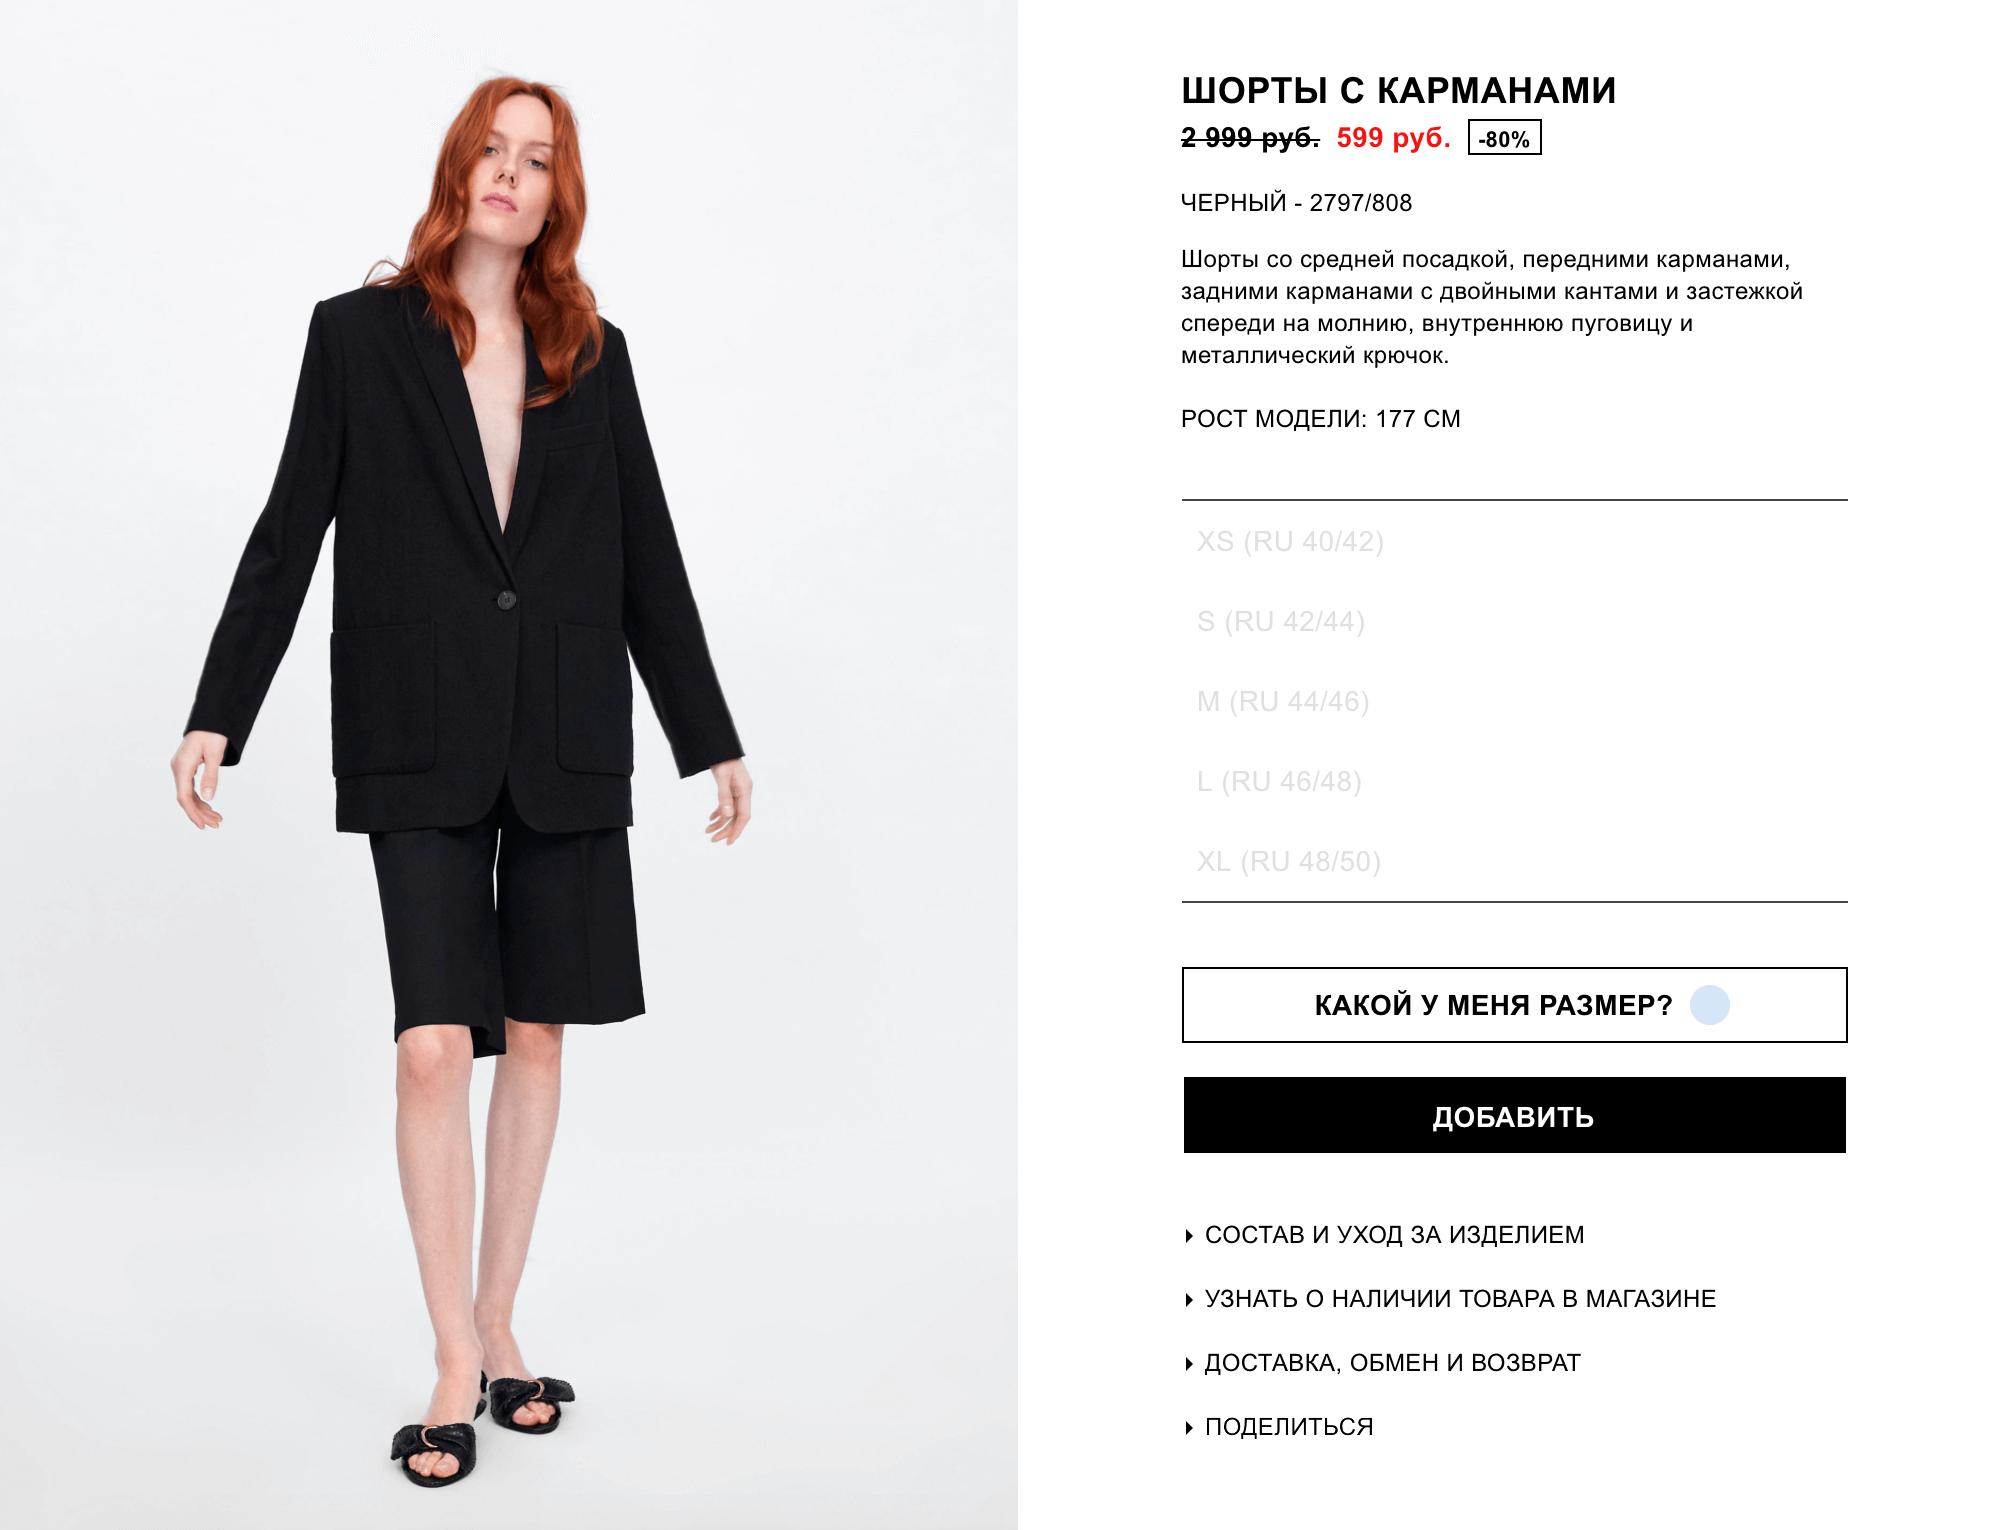 Со скидкой шорты стоят 600<span class=ruble>Р</span>, но когда я выбирала костюм, скидки еще не было